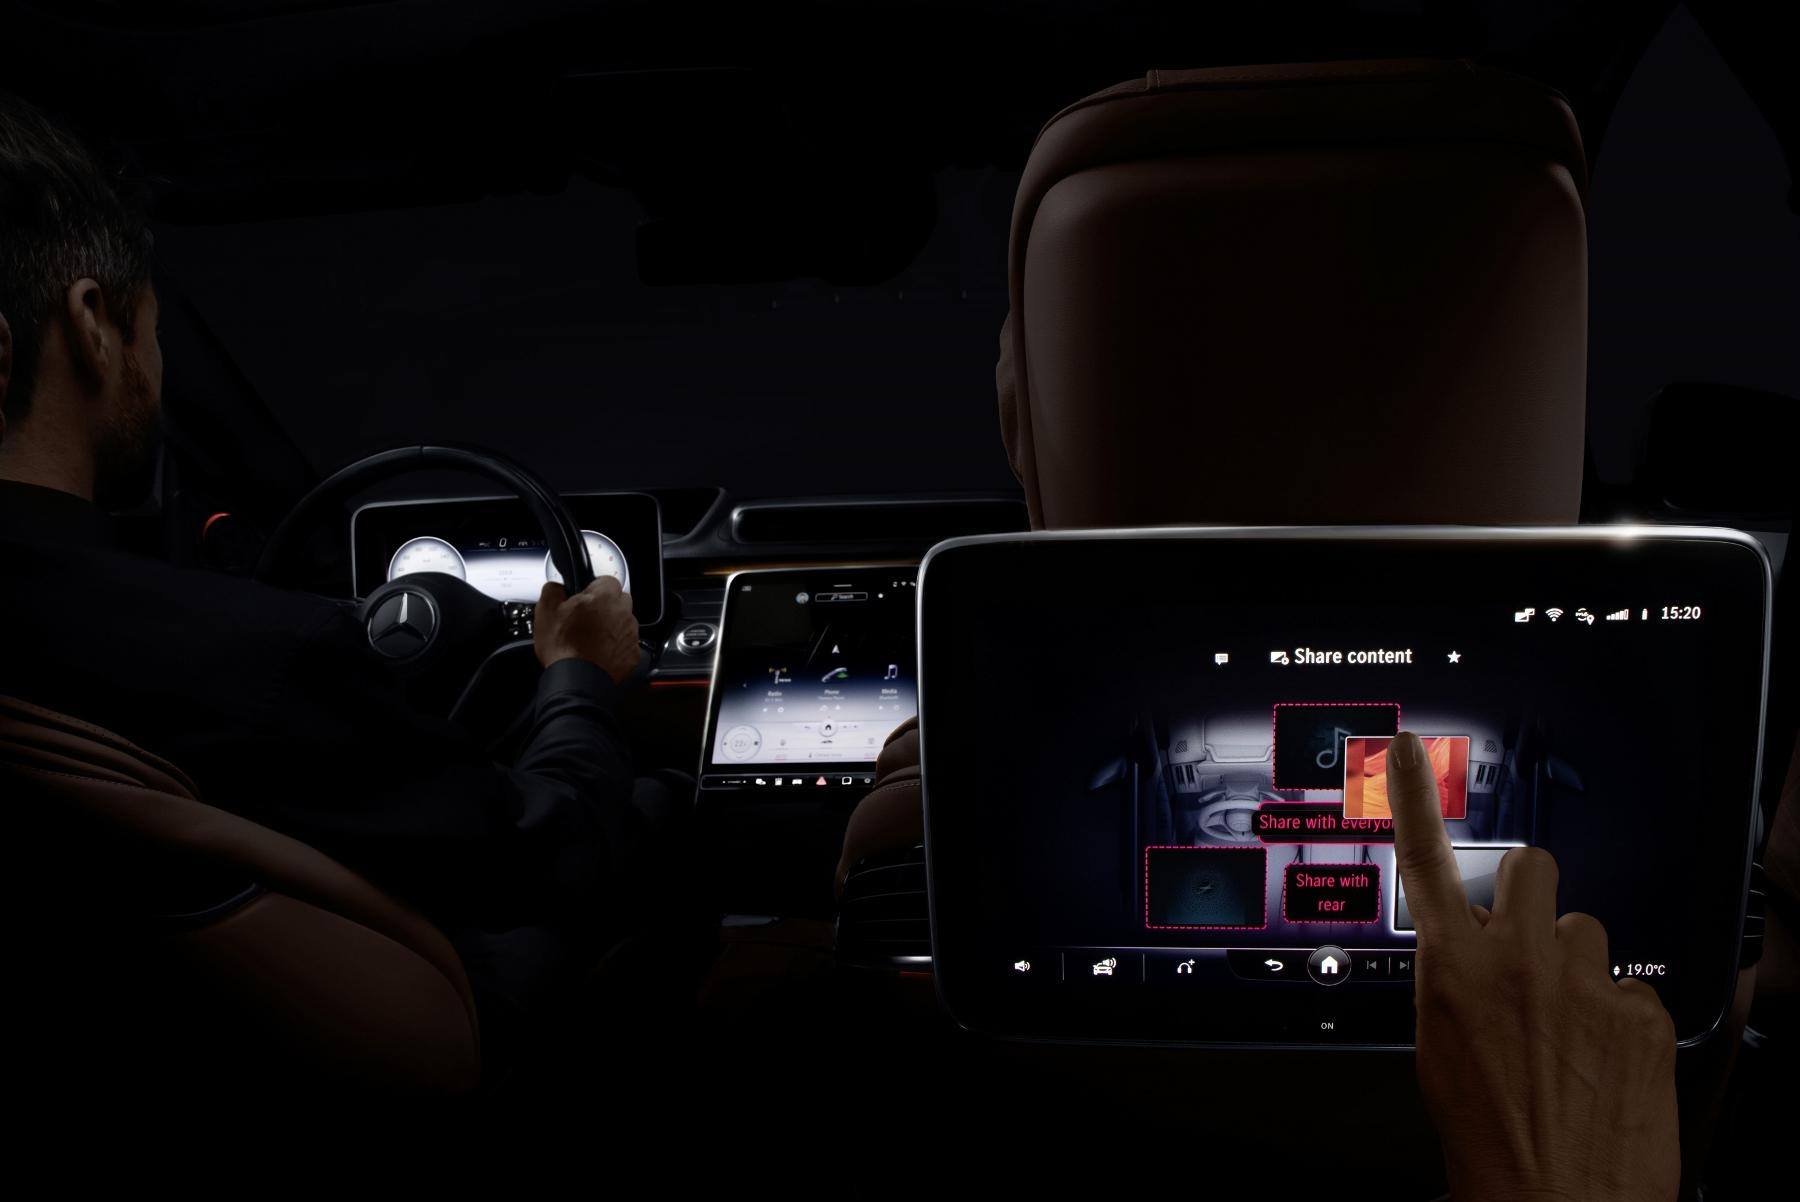 Mercedes triedy S dostane 3D displej a množstvo nových technológií 4XaTEB2R3u mercedes-s-7